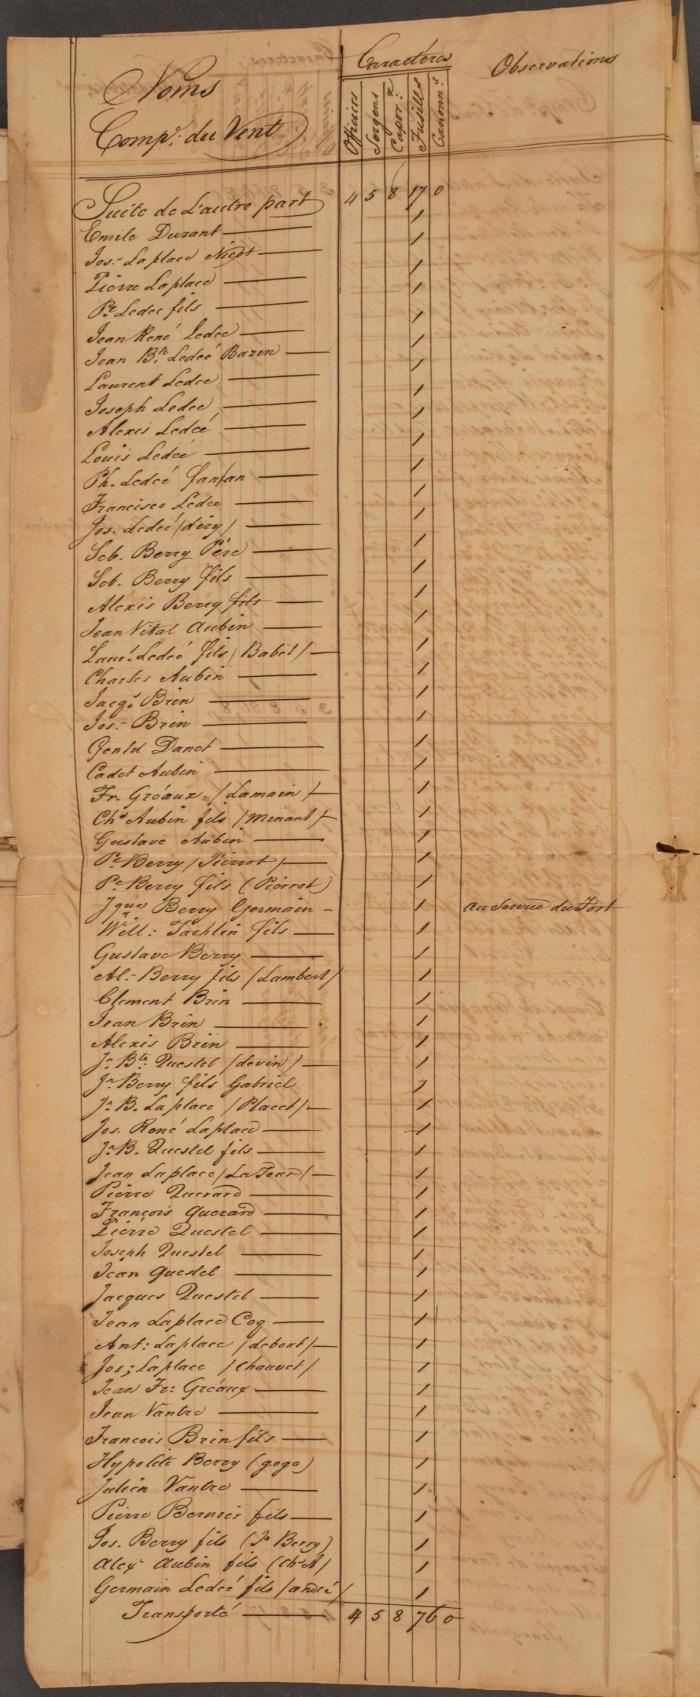 8 FRANOM_FSB_282_ALVIN page 395 etat de toutes les milices en 1831 au vent page 2